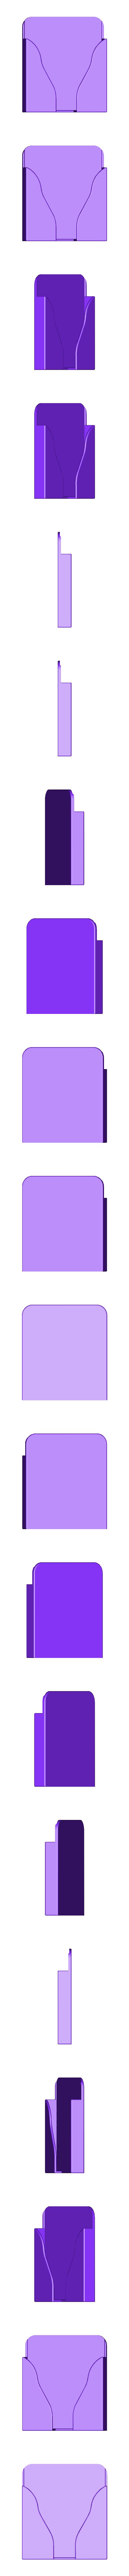 wallmount.STL Télécharger fichier STL SUPPORT MURAL POUR LA RECHARGE DES TÉLÉPHONES • Modèle à imprimer en 3D, IceKiwi